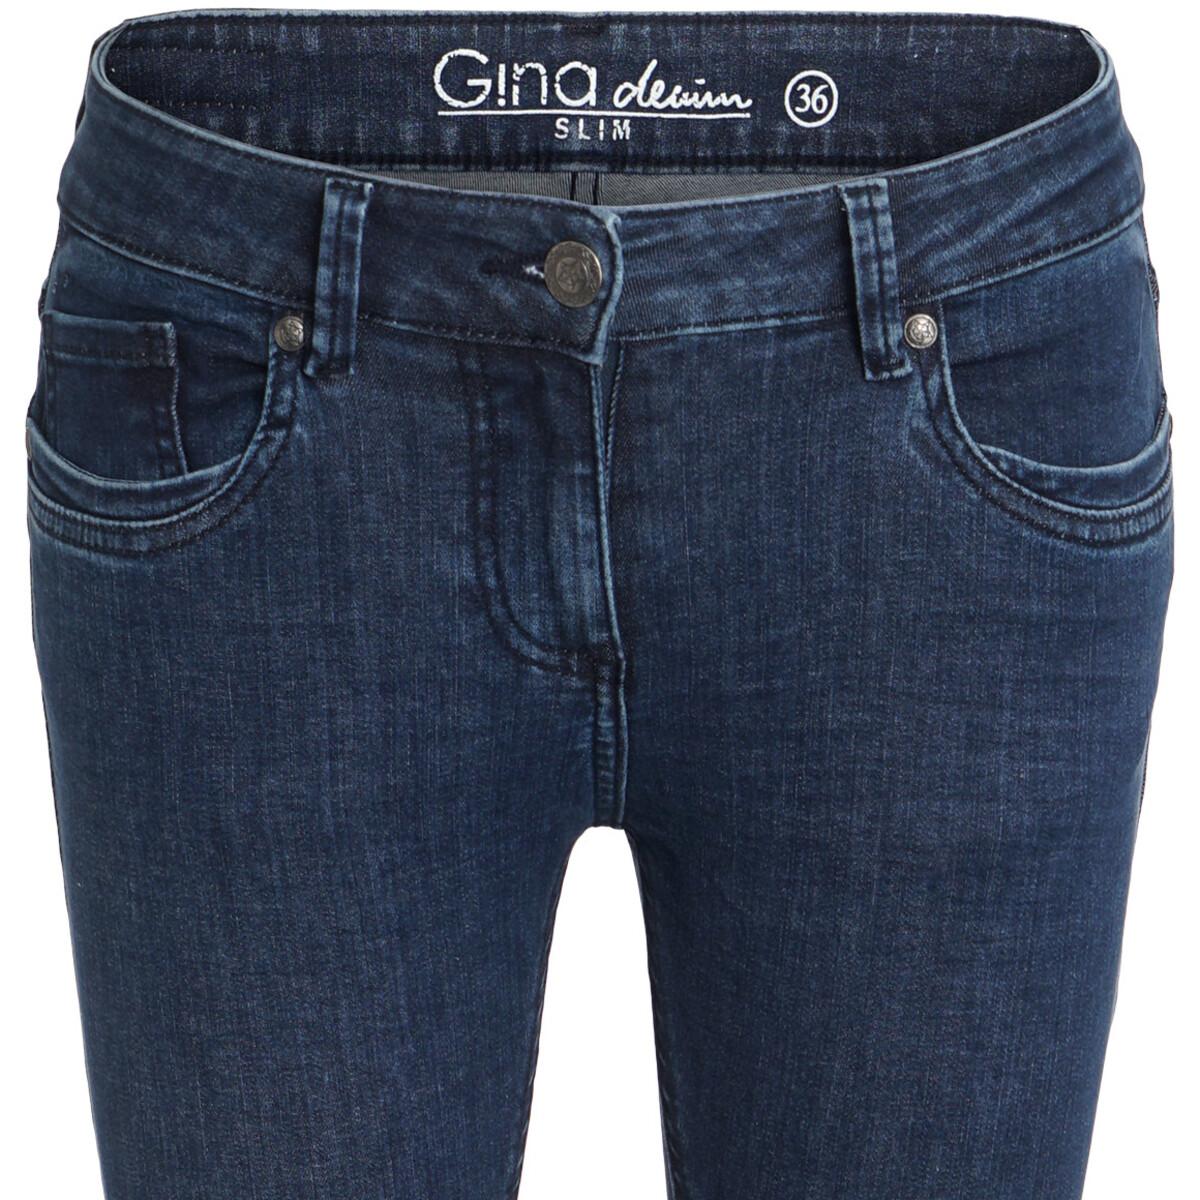 Bild 3 von Damen Superflexible-Jeans mit Used-Waschung